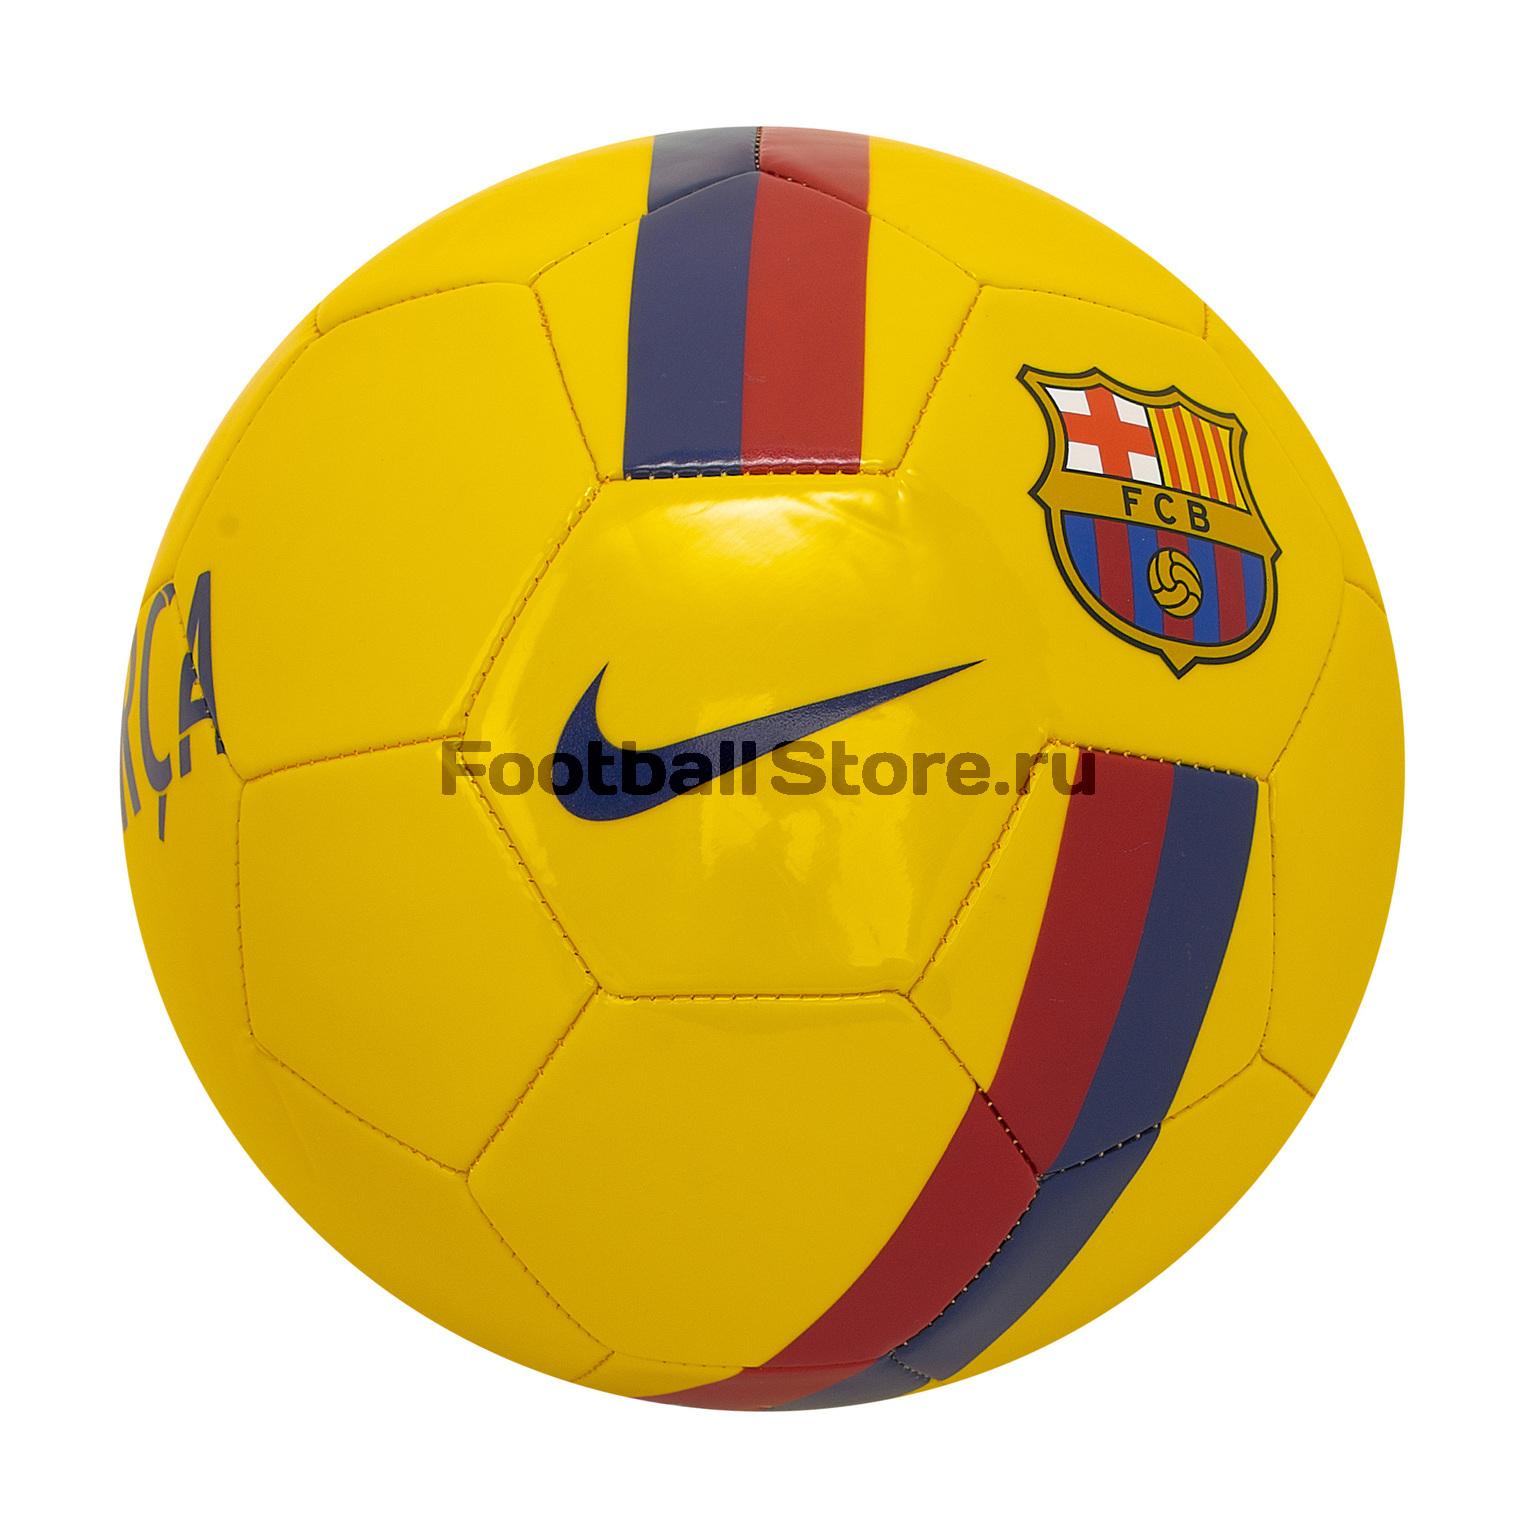 Футбольный мяч Nike Barcelona SC3779-726